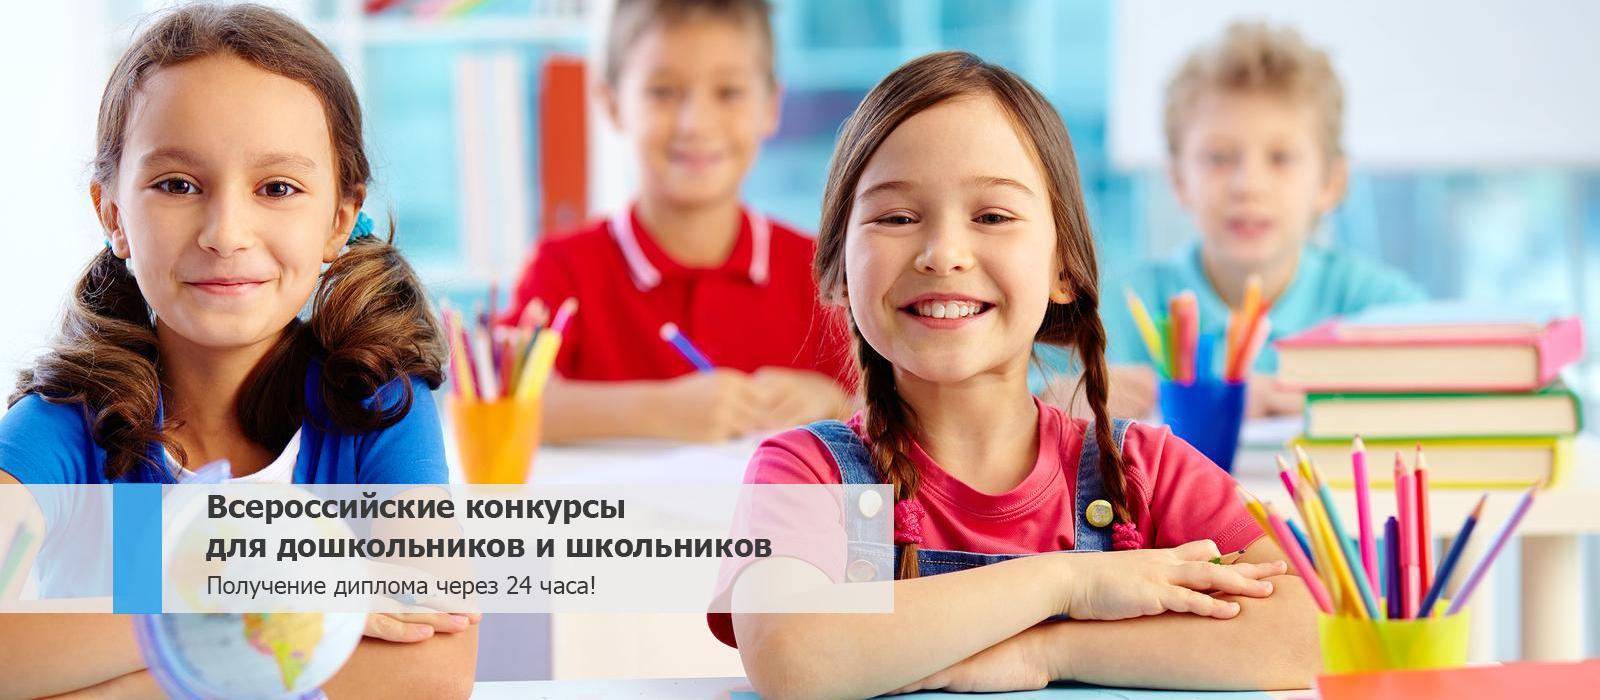 Всероссийские конкурсы для дошкольников и школьников